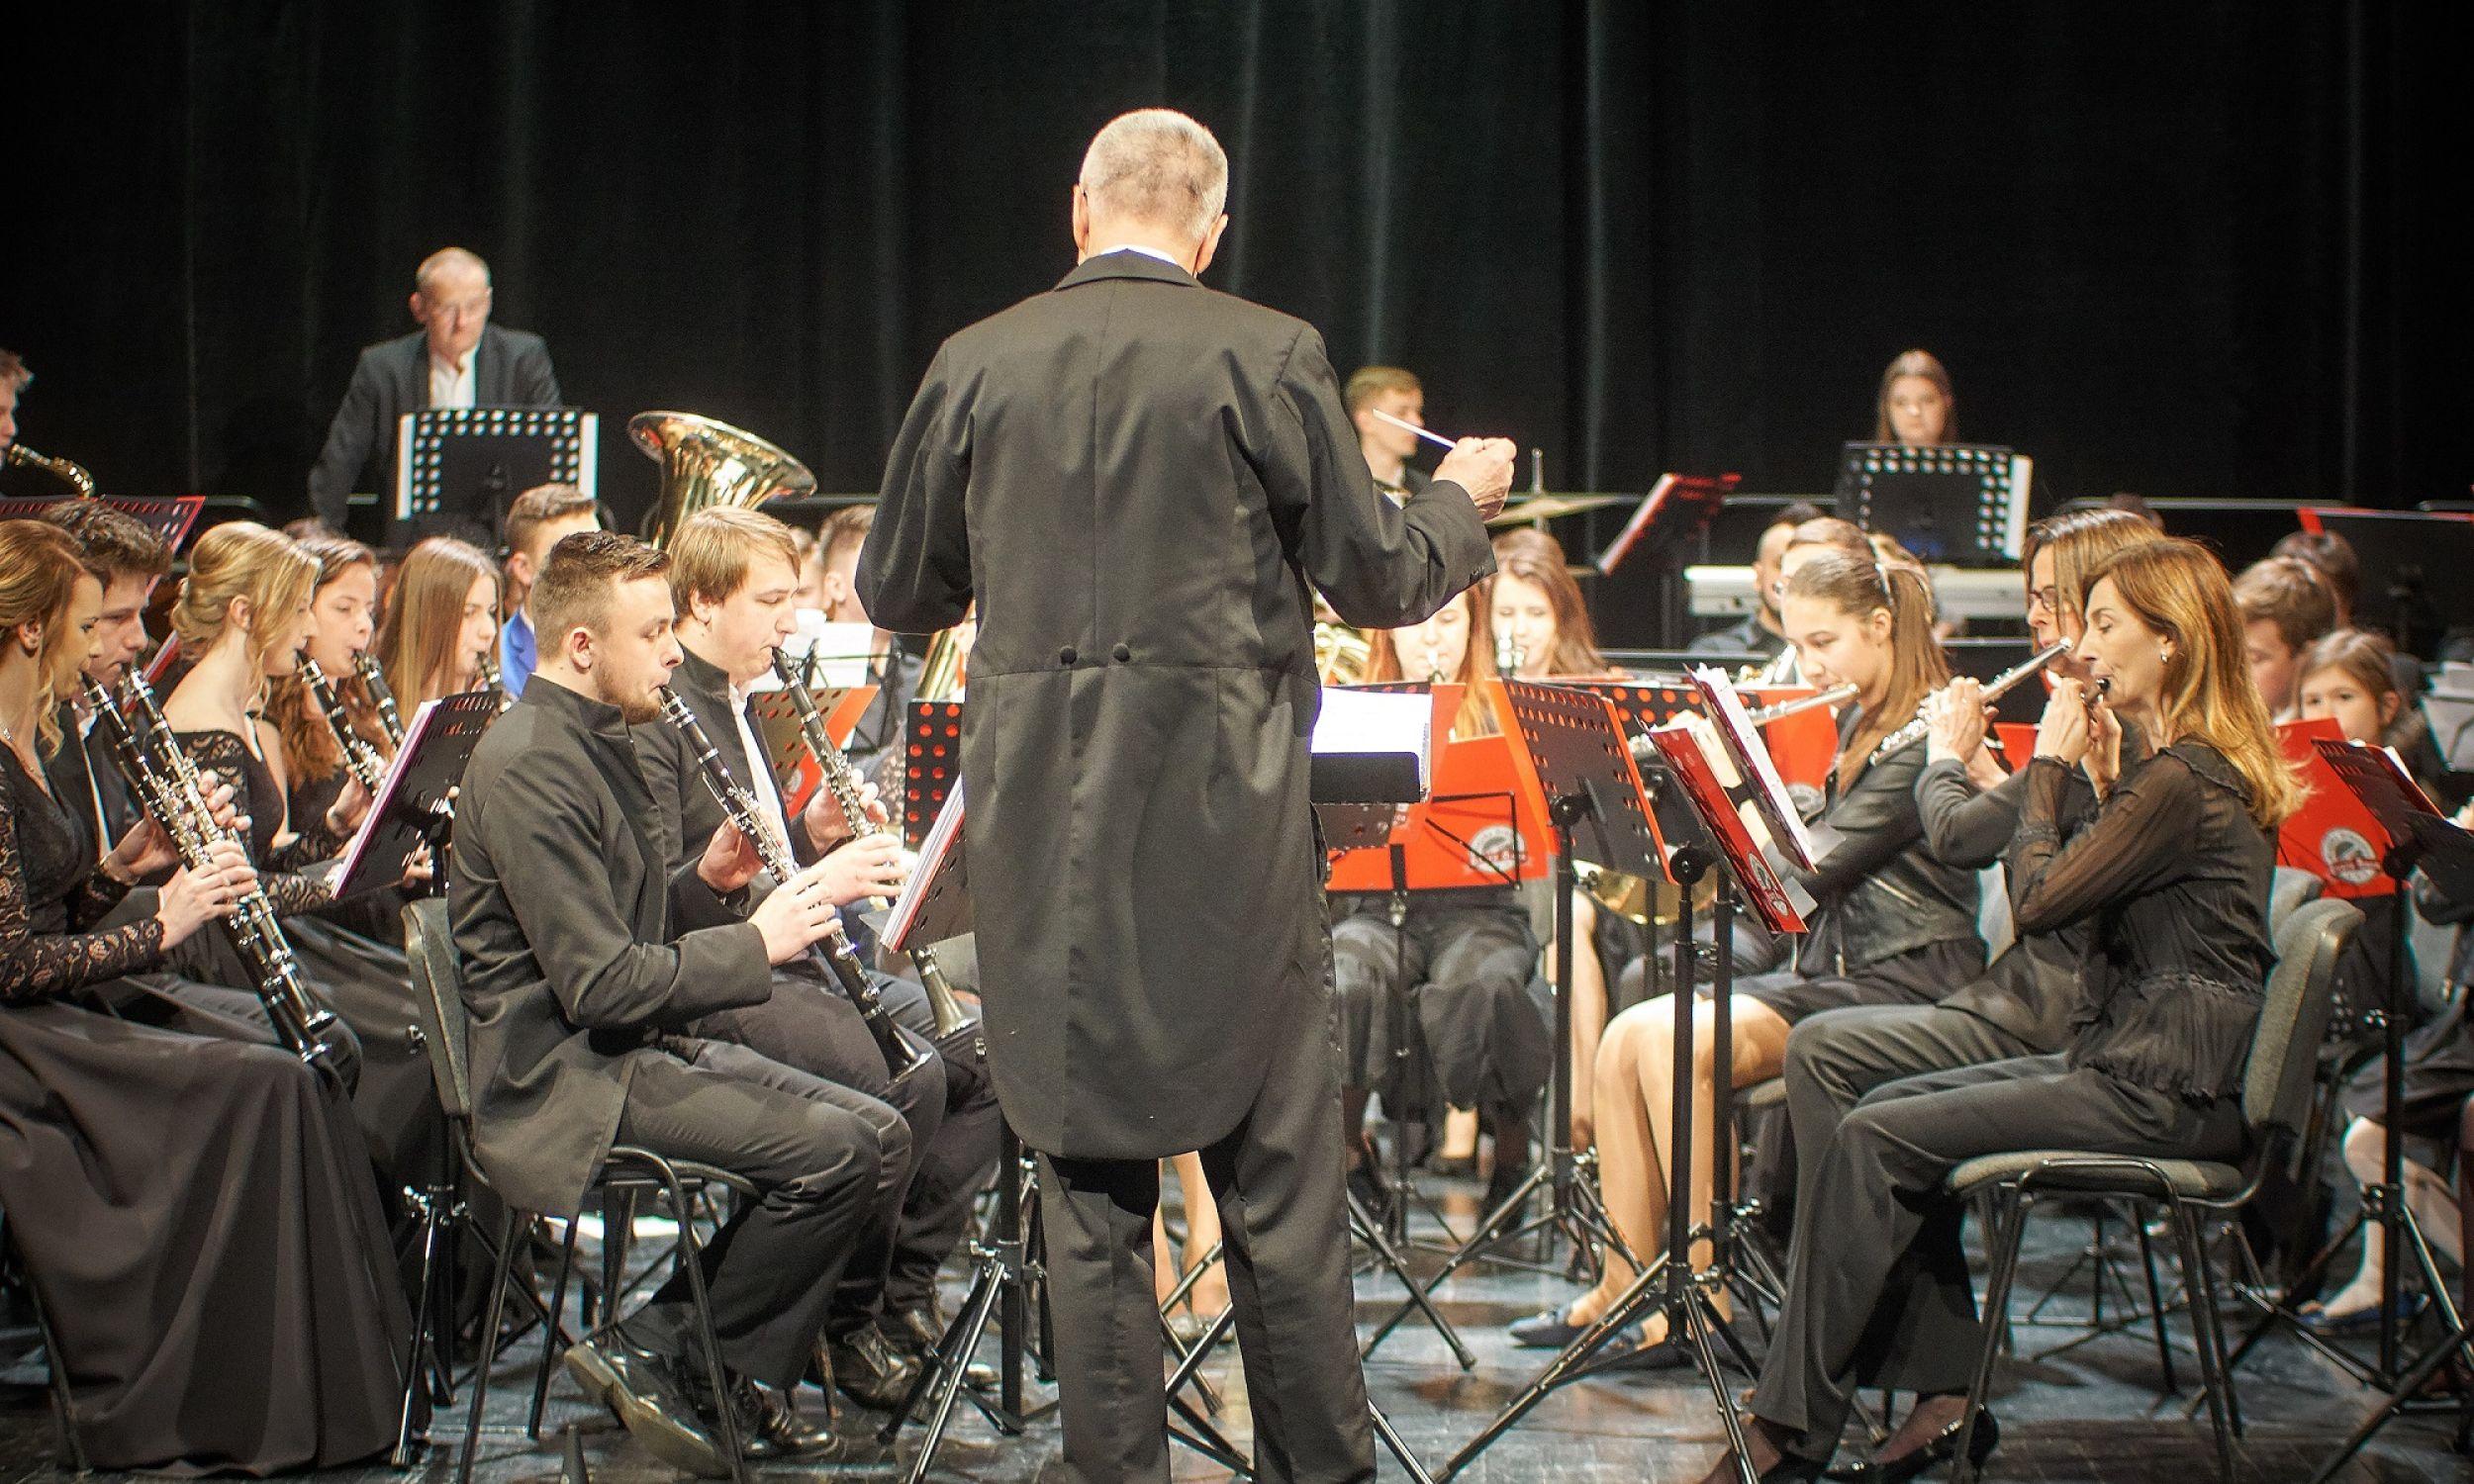 W starosądeckiej orkiestrze gra 60 osób. Ma repertuar orkiestr dętych i symfonicznych. Członkowie zespołu są po szkołach muzycznych, ale mają zazwyczaj inne zajęcia czy prace, więc potrzebna jest odpowiednia atmosfera, aby chcieli przyjść na próbę dwa razy w tygodniu – mówi Georg Weiss. Fot. Roman Wiśniak